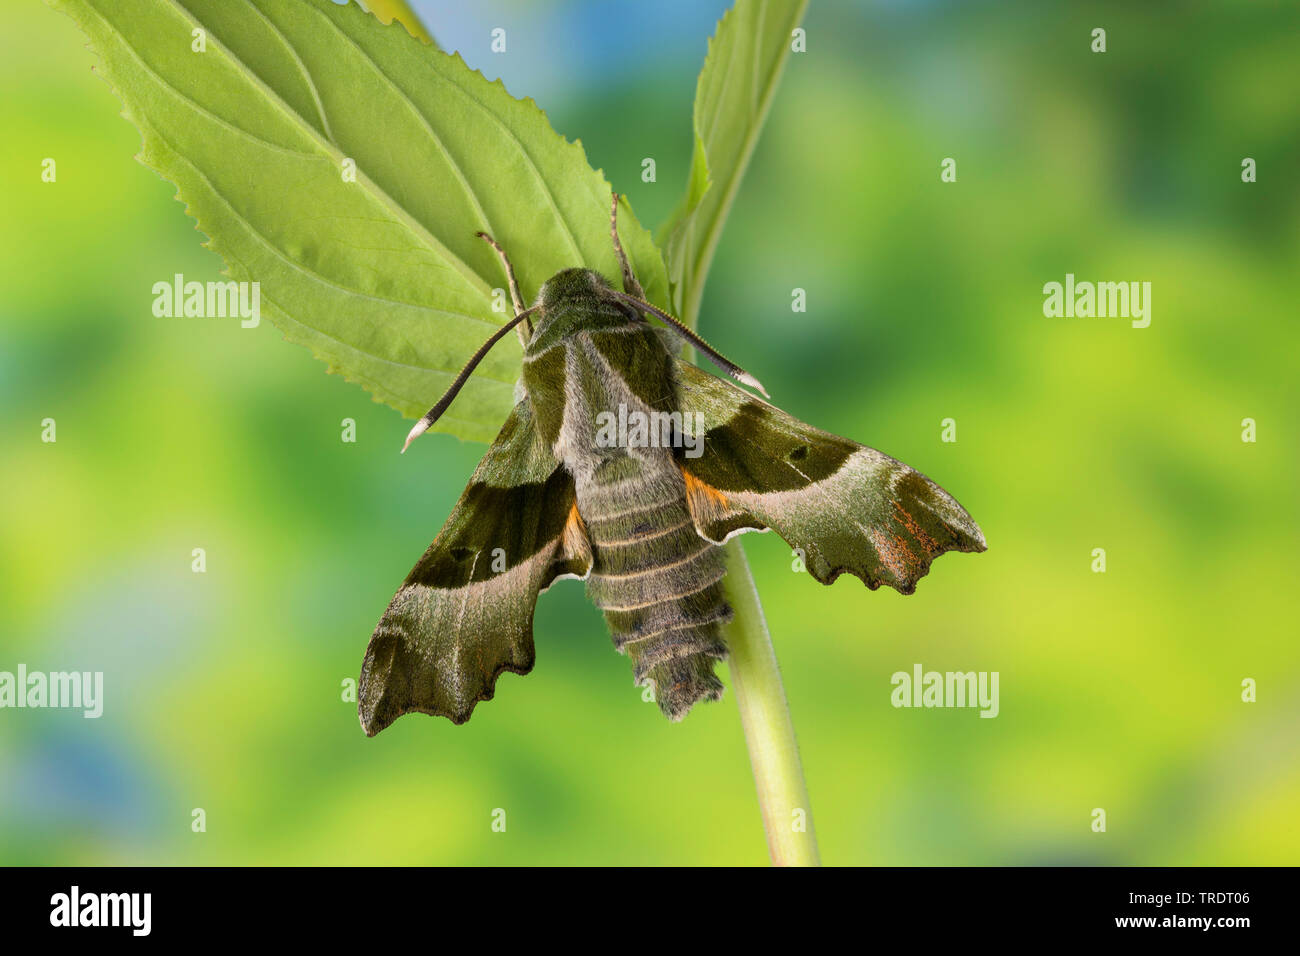 Nachtkerzenschwaermer, Nachtkerzen-Schwaermer (Proserpinus proserpina), sitzt auf Borke, Deutschland | willowherb hawkmoth, Curzon's sphinx moth (Pros - Stock Image